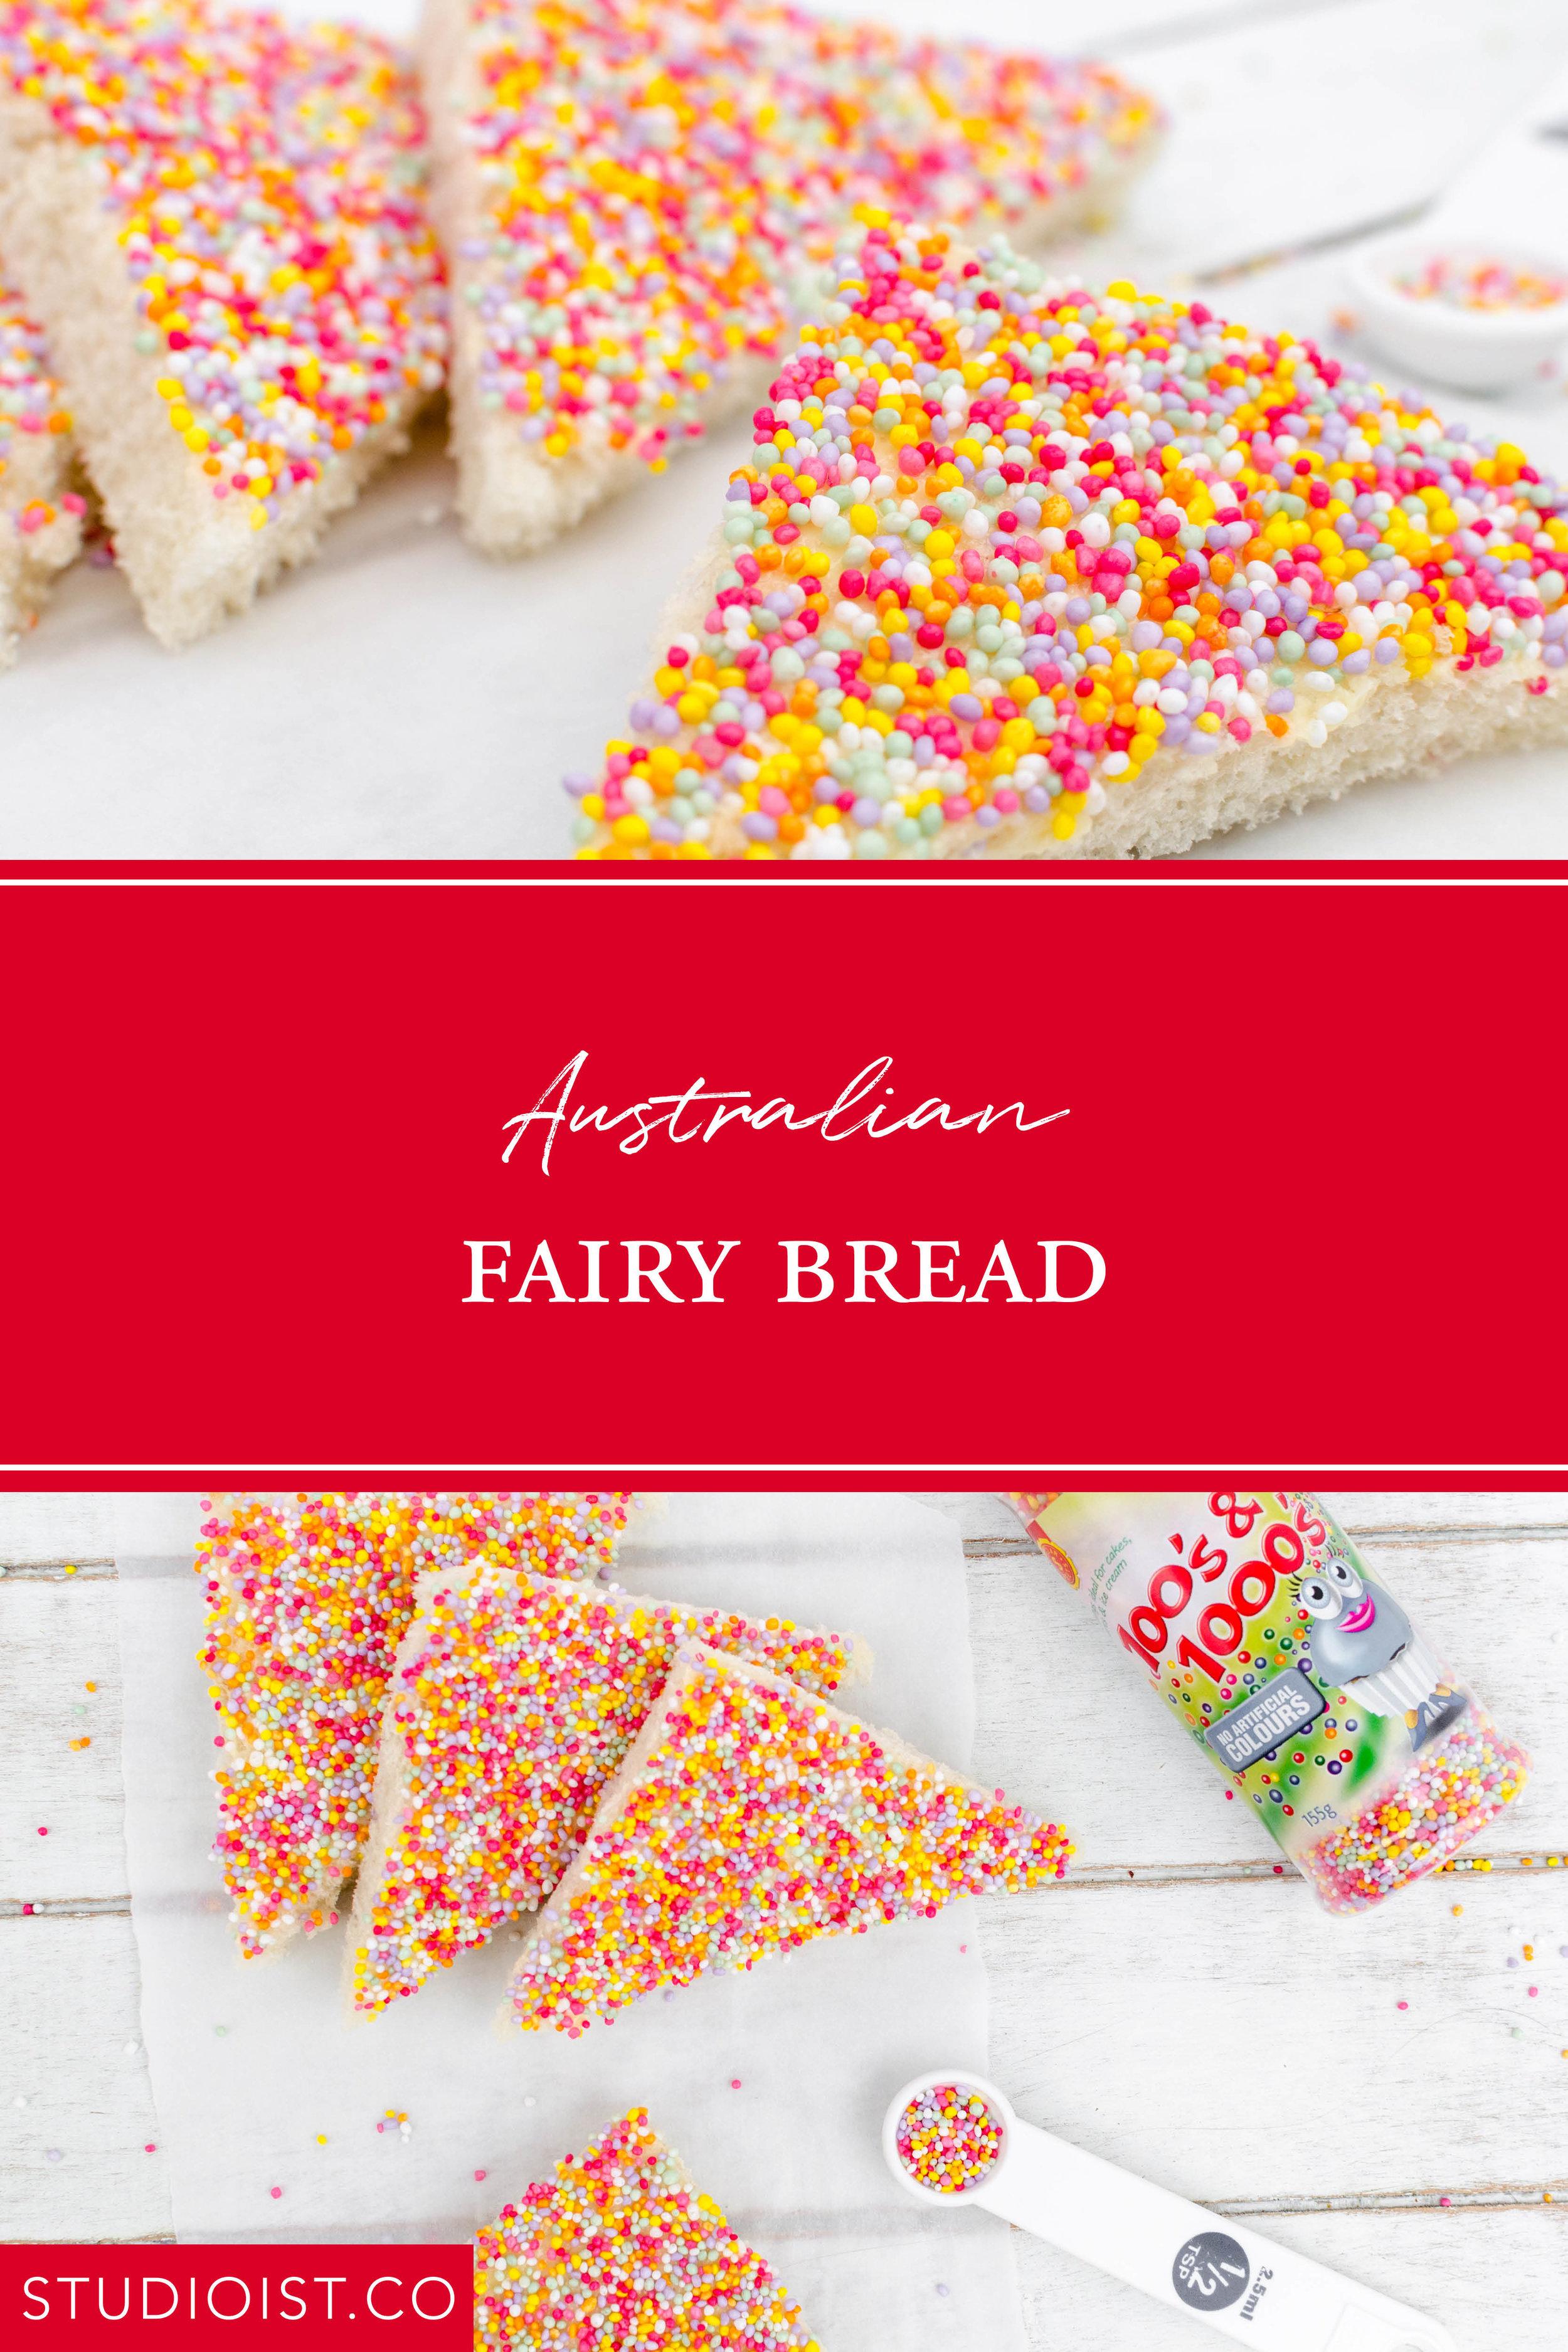 Studioist_Pinterest Design_Aussie Fairy Bread2.jpg